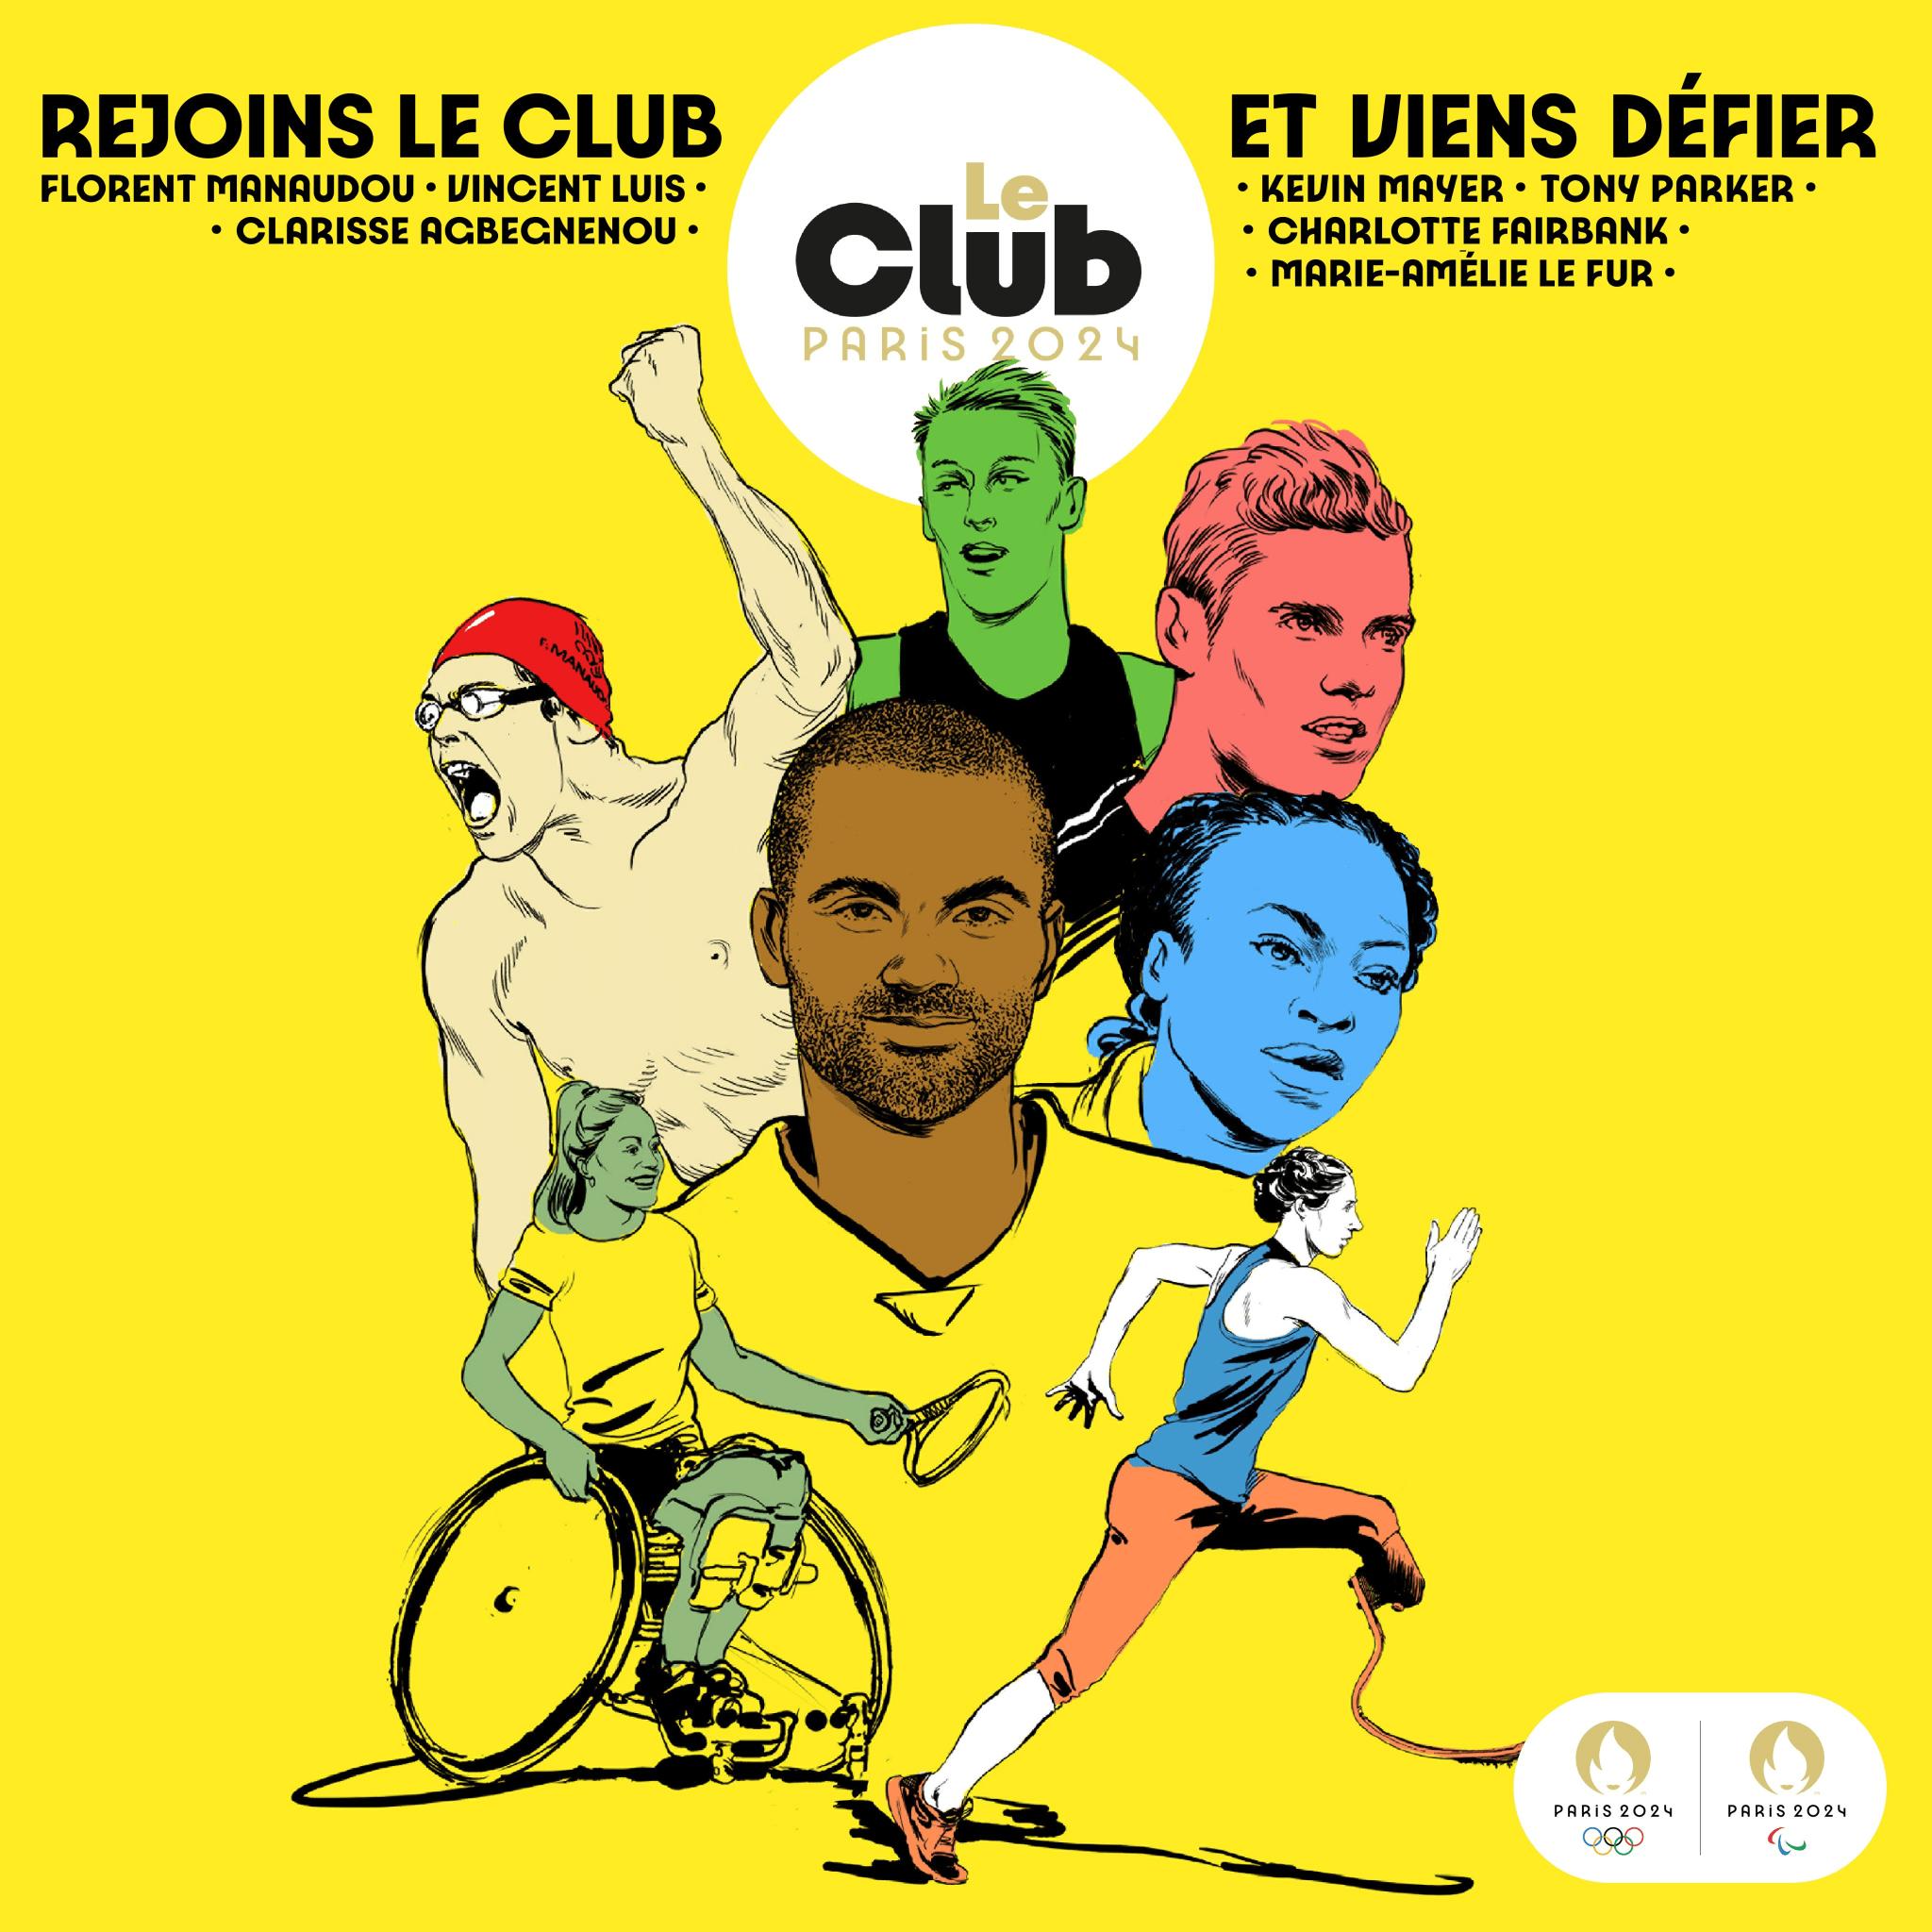 巴黎2024开启奥运造势活动 入选民众可与球员1对1